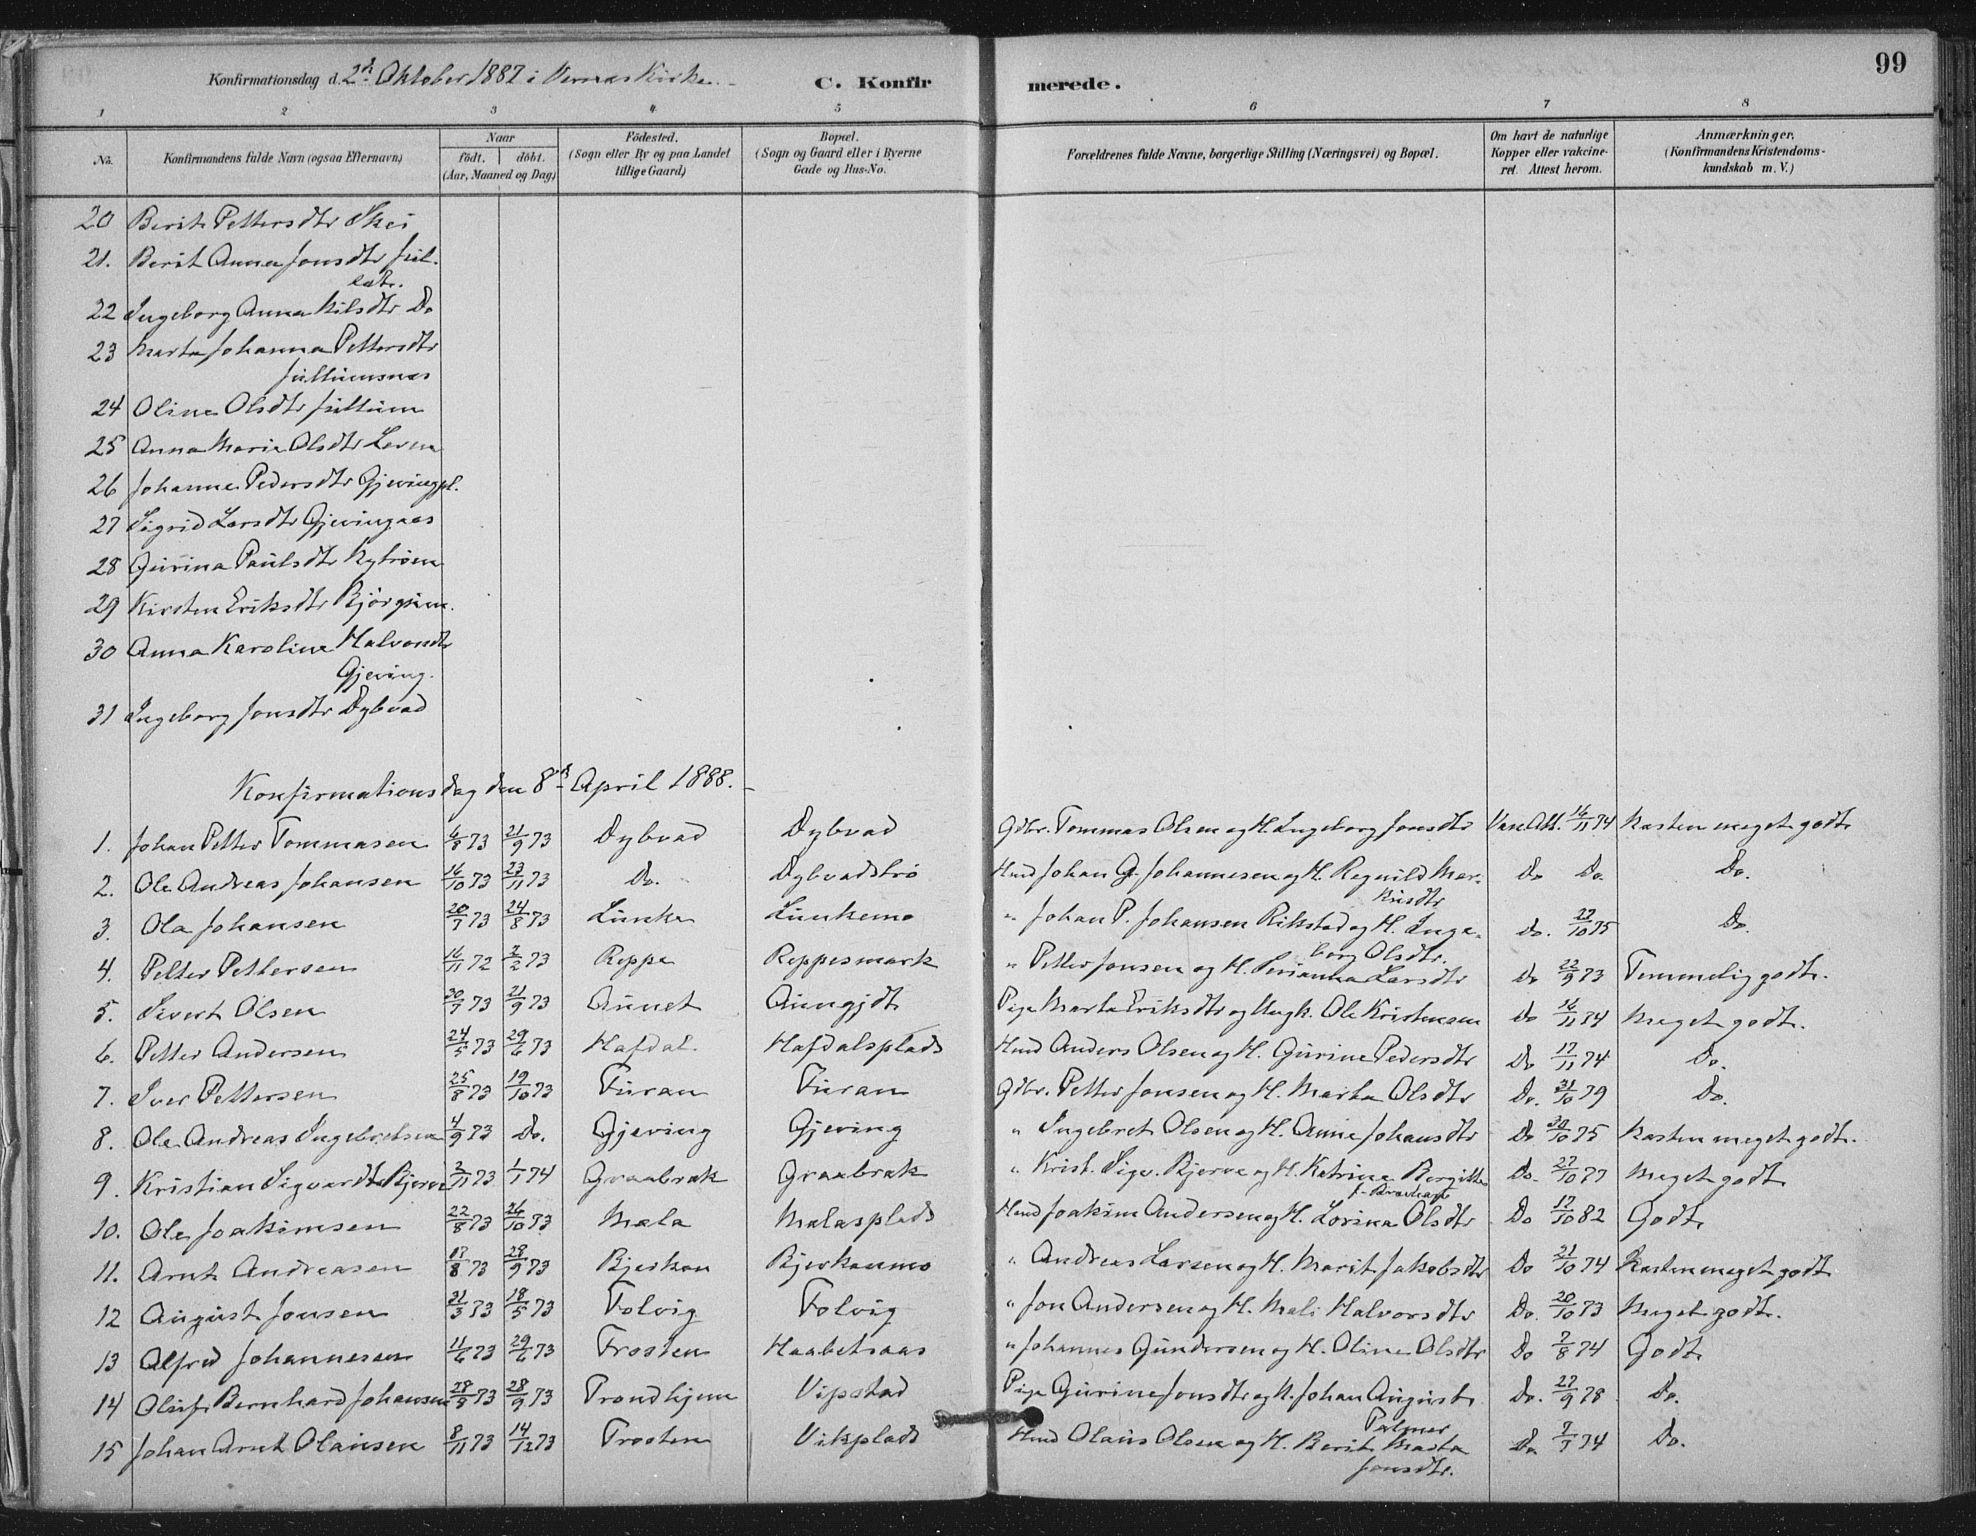 SAT, Ministerialprotokoller, klokkerbøker og fødselsregistre - Nord-Trøndelag, 710/L0095: Ministerialbok nr. 710A01, 1880-1914, s. 99